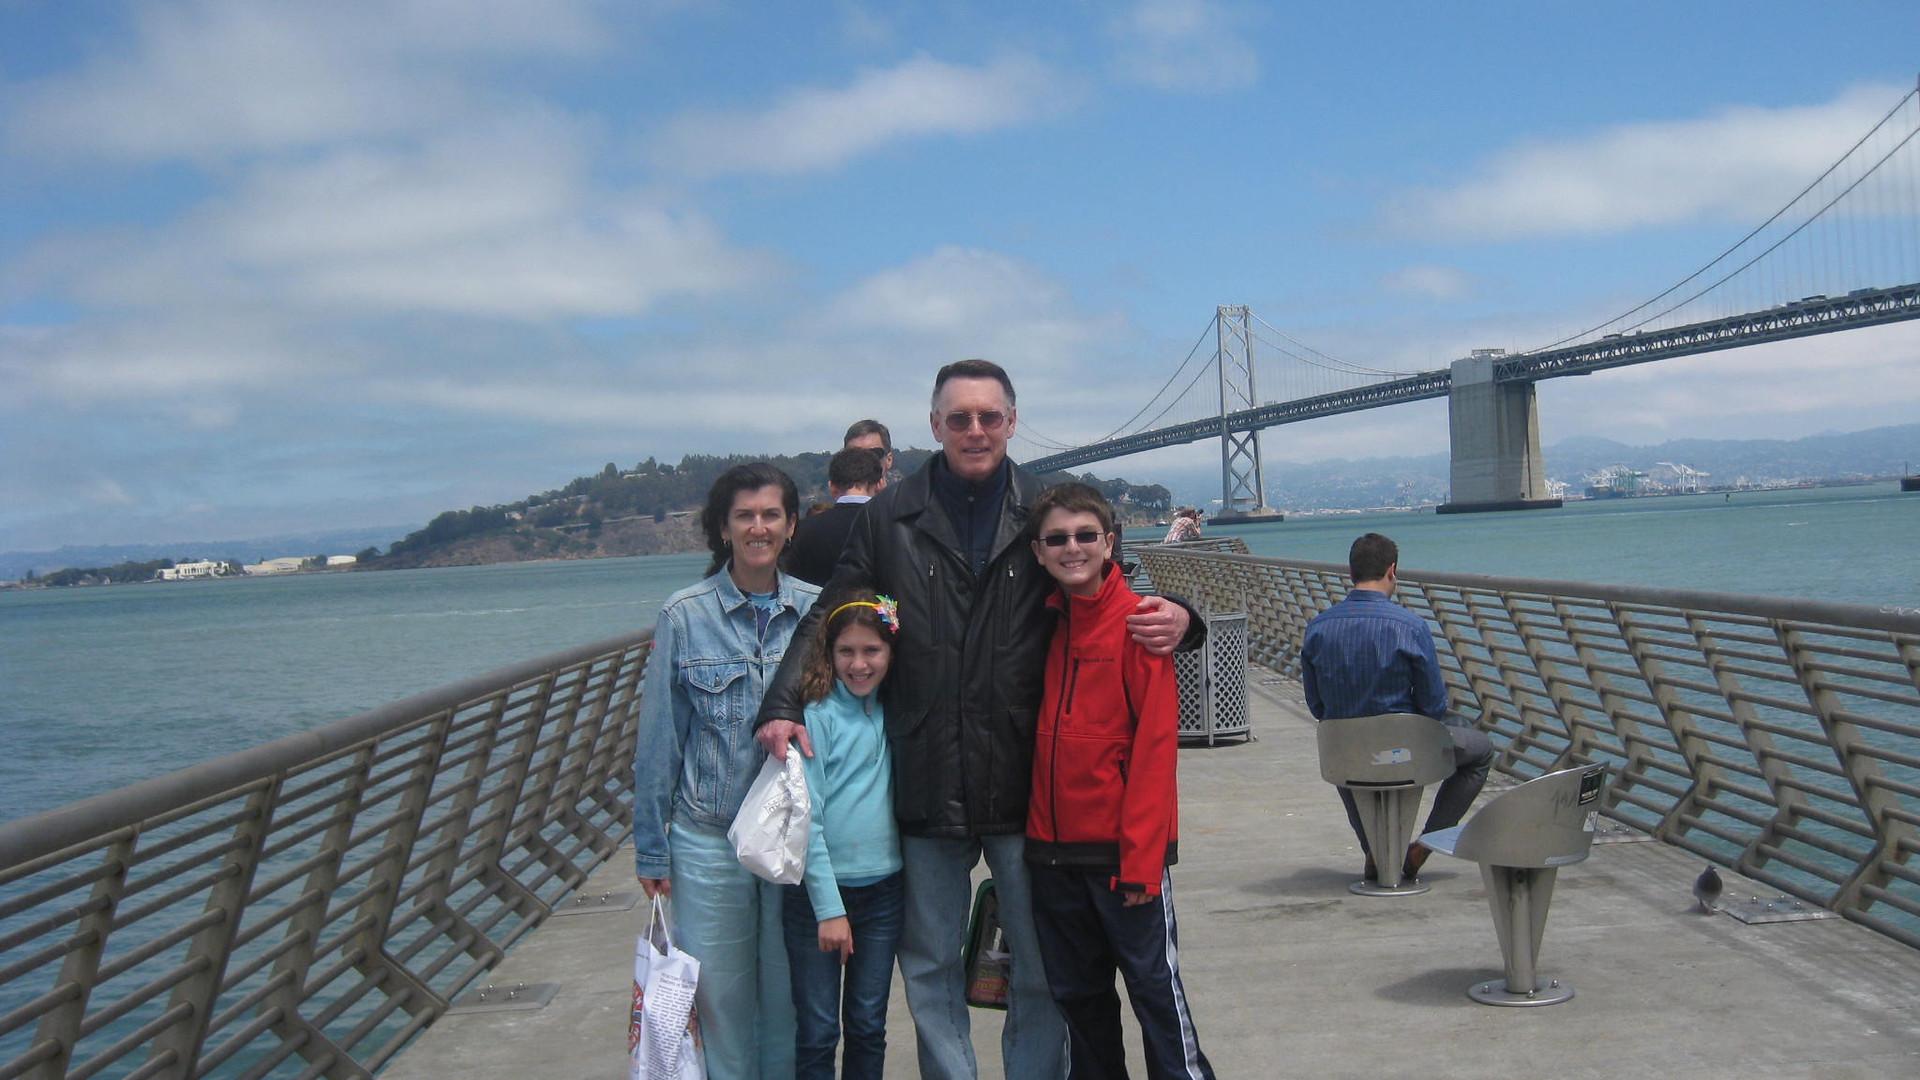 Sandy, Lisa, and kids SR IMG_0017.jpg